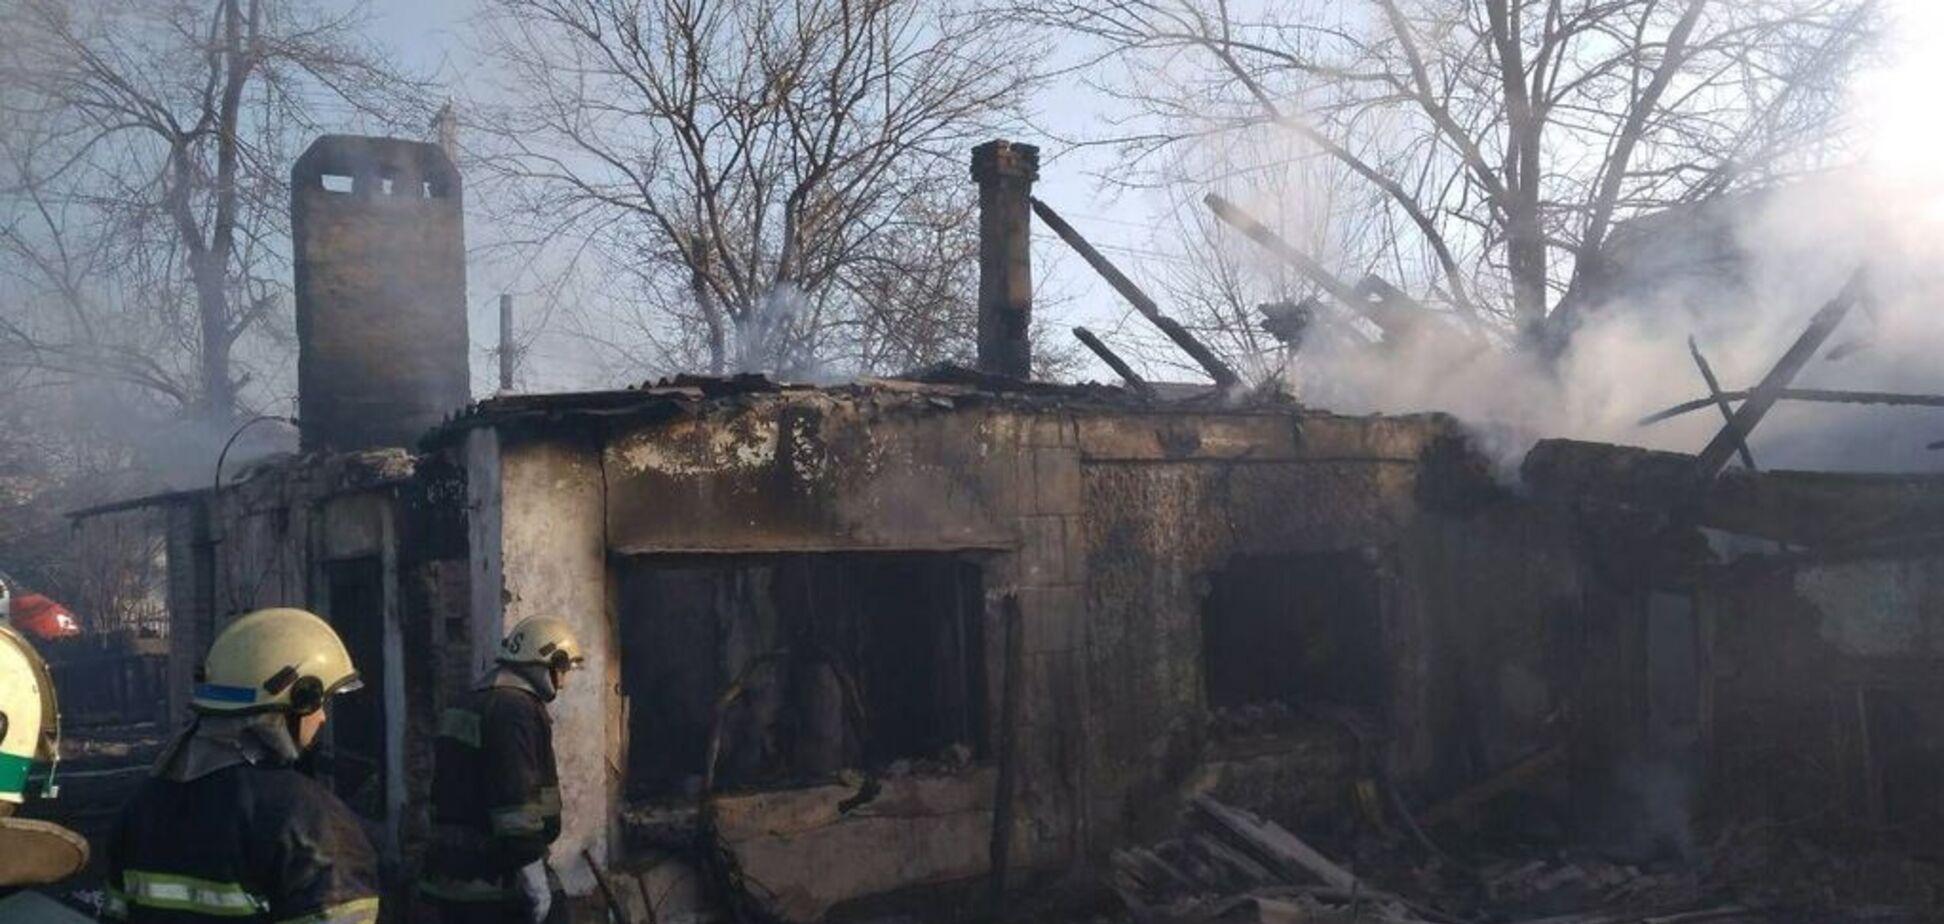 На Днепропетровщине живьем сгорели маленькие дети с отцом: фото и видео 18+